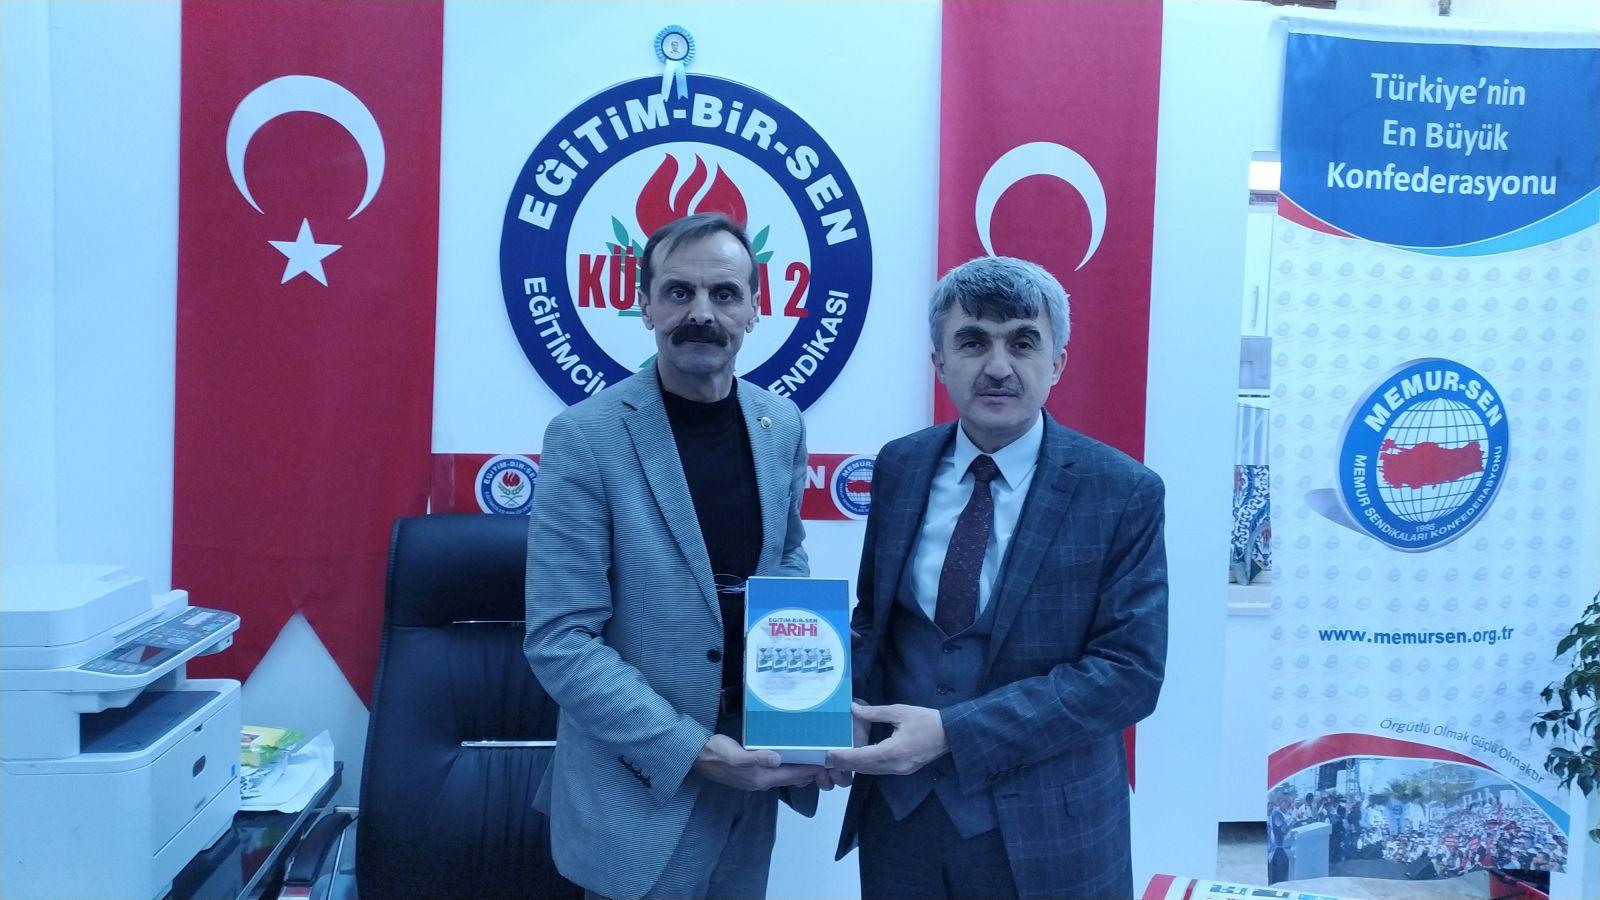 Kütahya Dumlupınar Üniversitesi Rektörü Prof. Dr. Kâzım Uysal'dan Şubemize Ziyaret